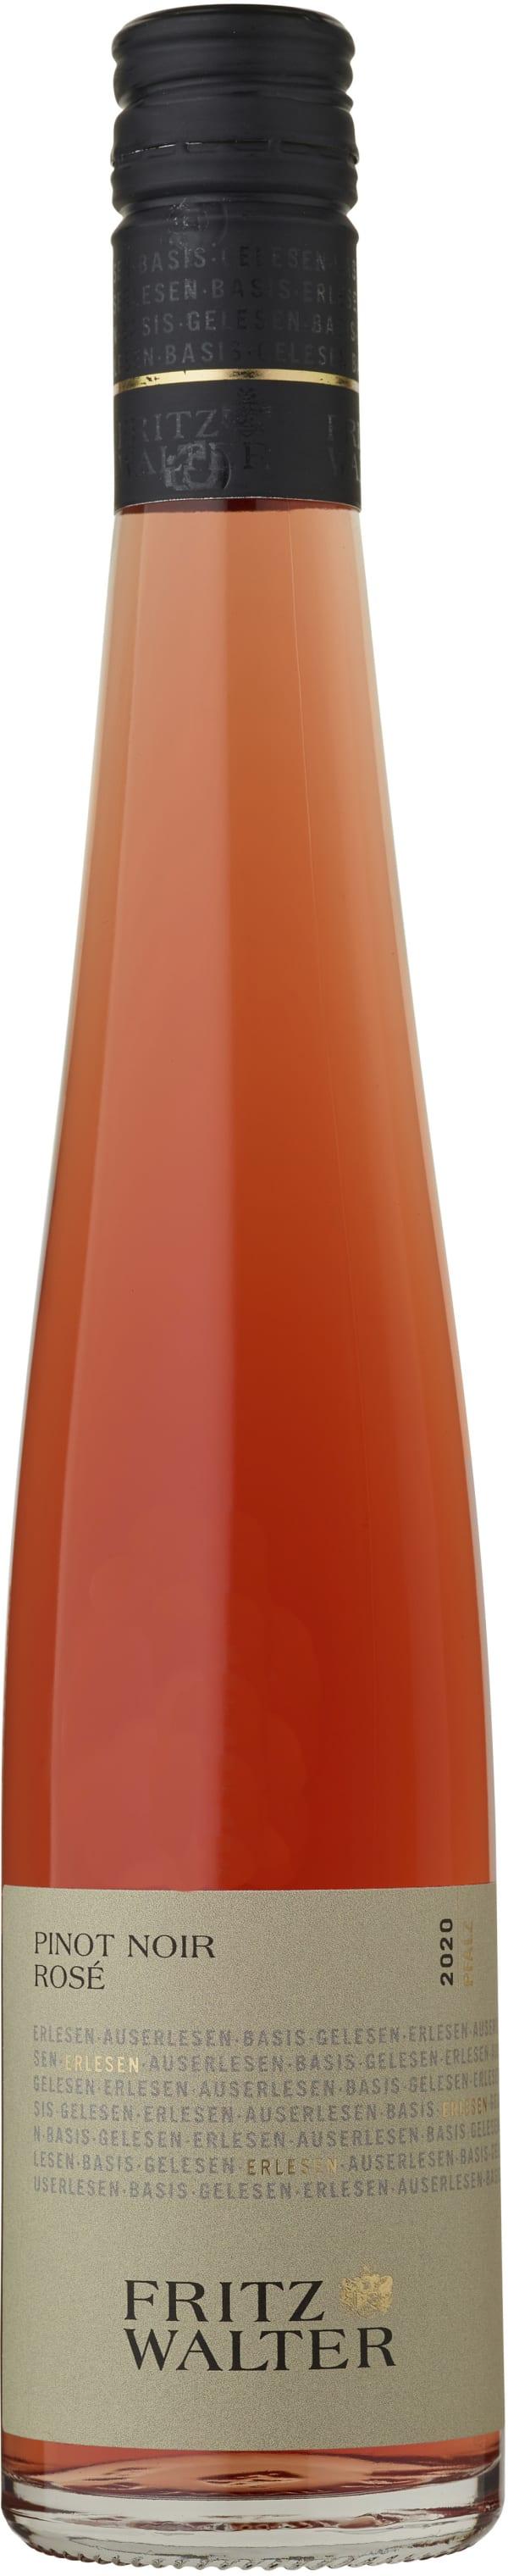 Fritz Walter Pinot Noir Rosé 2020